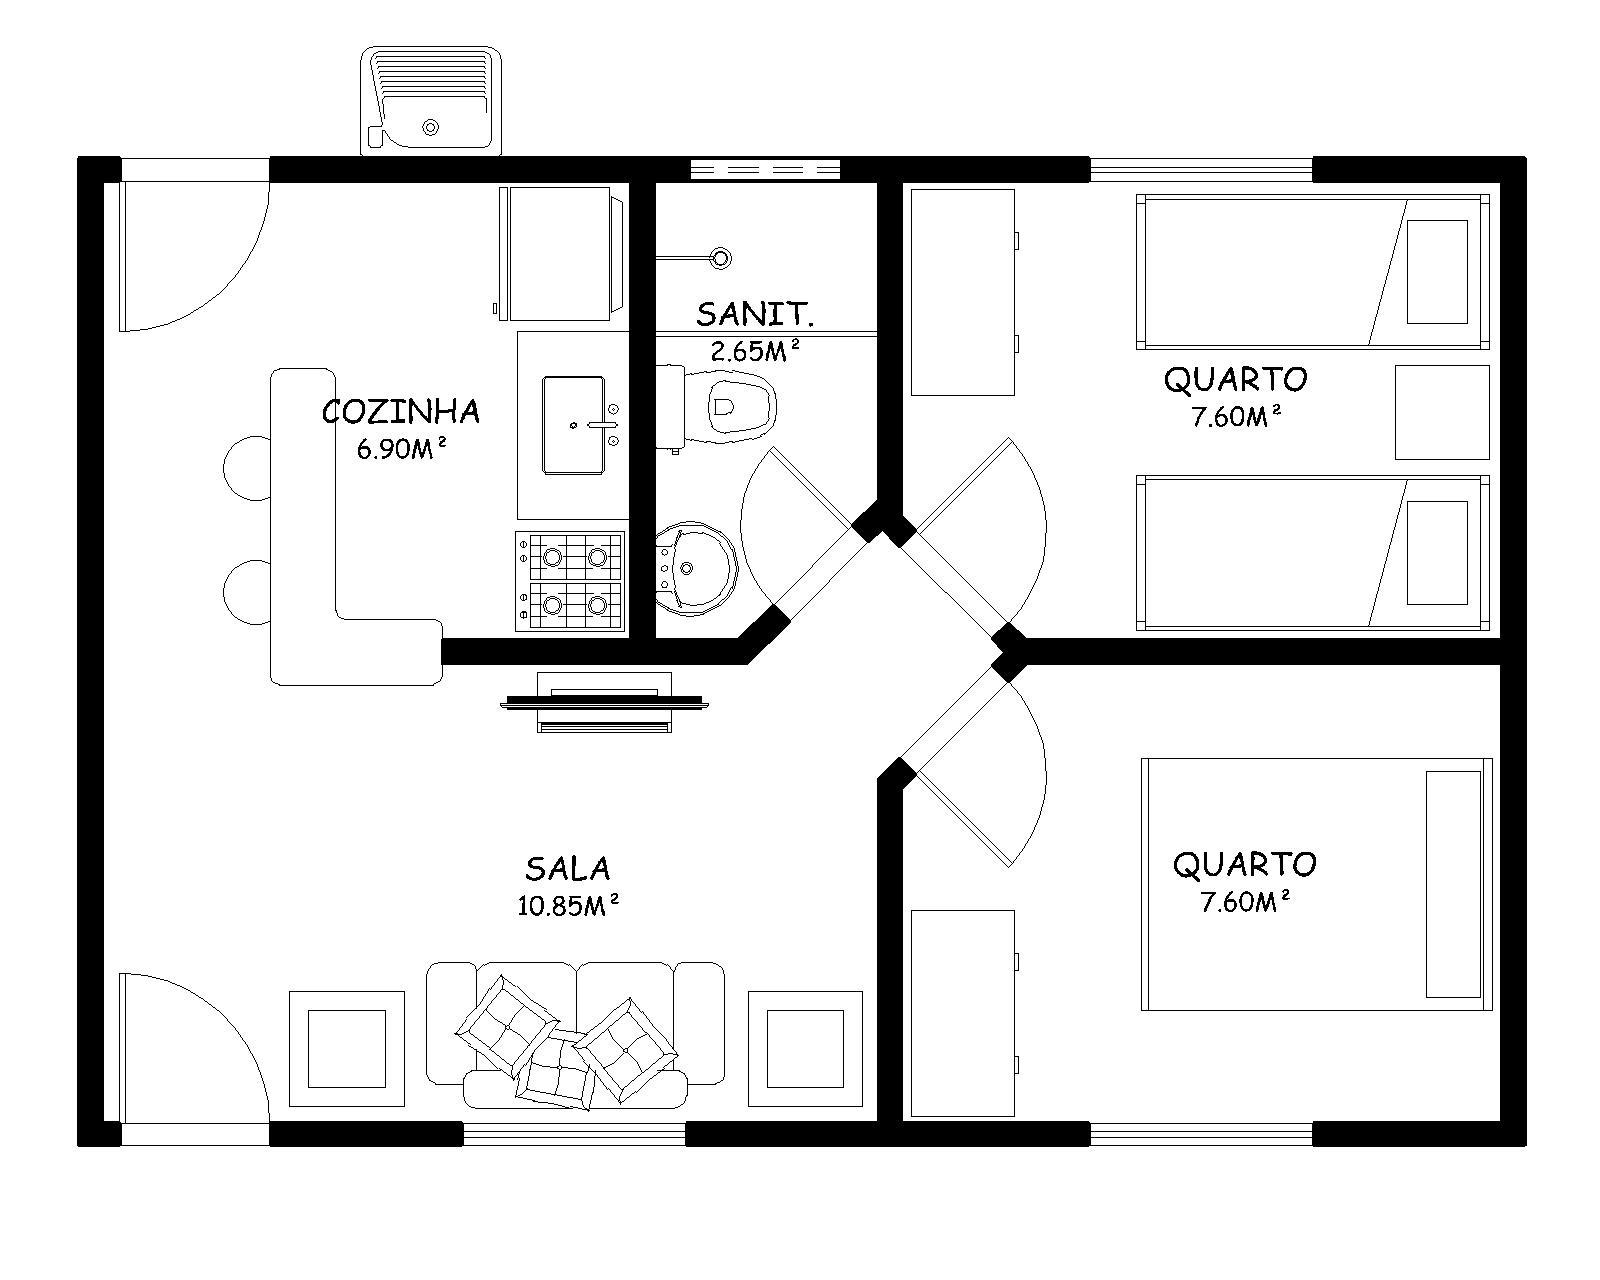 PROJETOS PRONTOS: CASA COM 40 m² TERRENO 12mx10m R$ 250 00 #666666 1600 1280